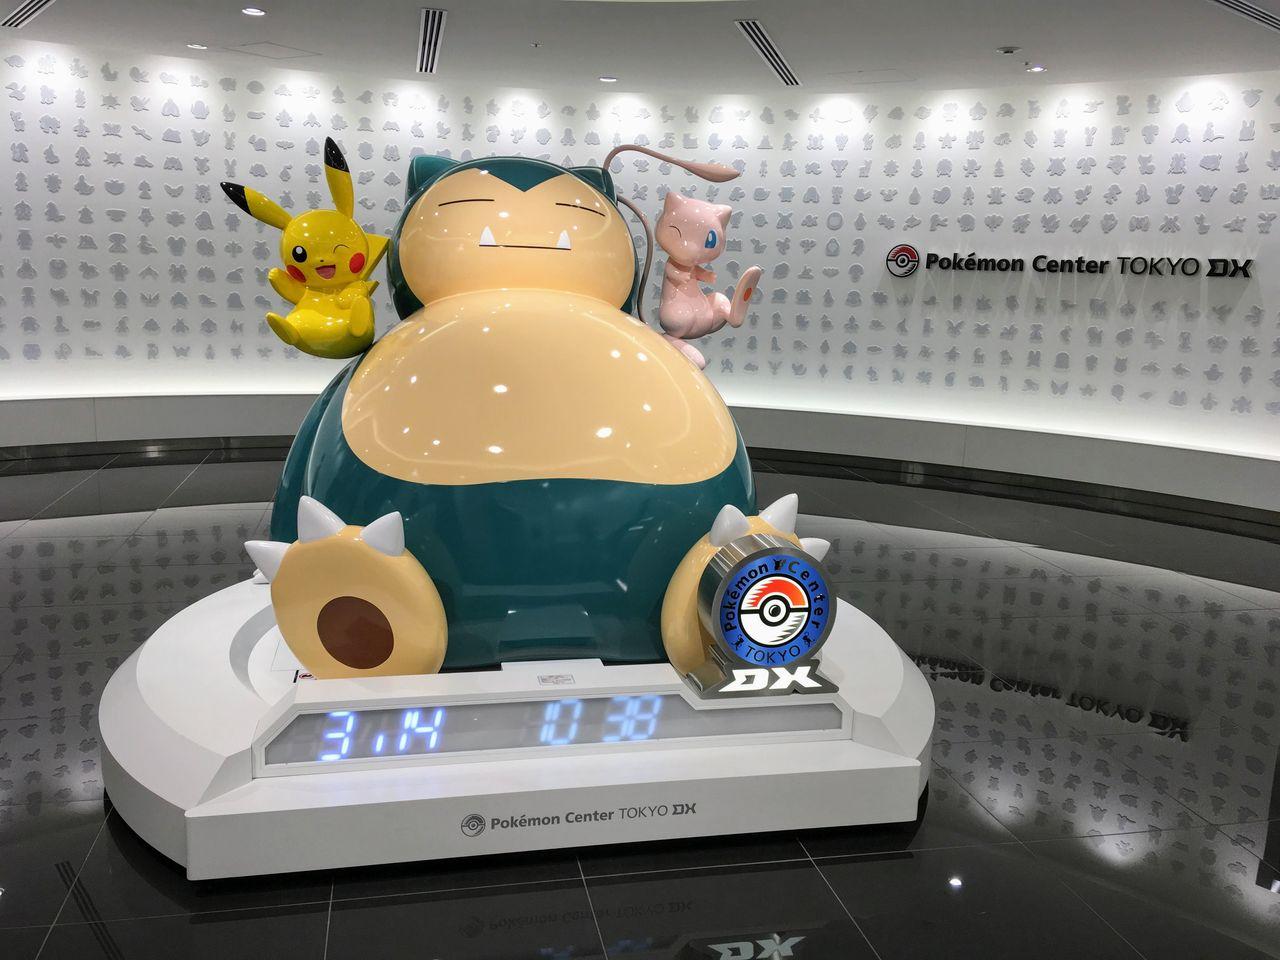 ポケモンセンター トウキョーdx」へ行ってきました。 : ゲームブラザーズ